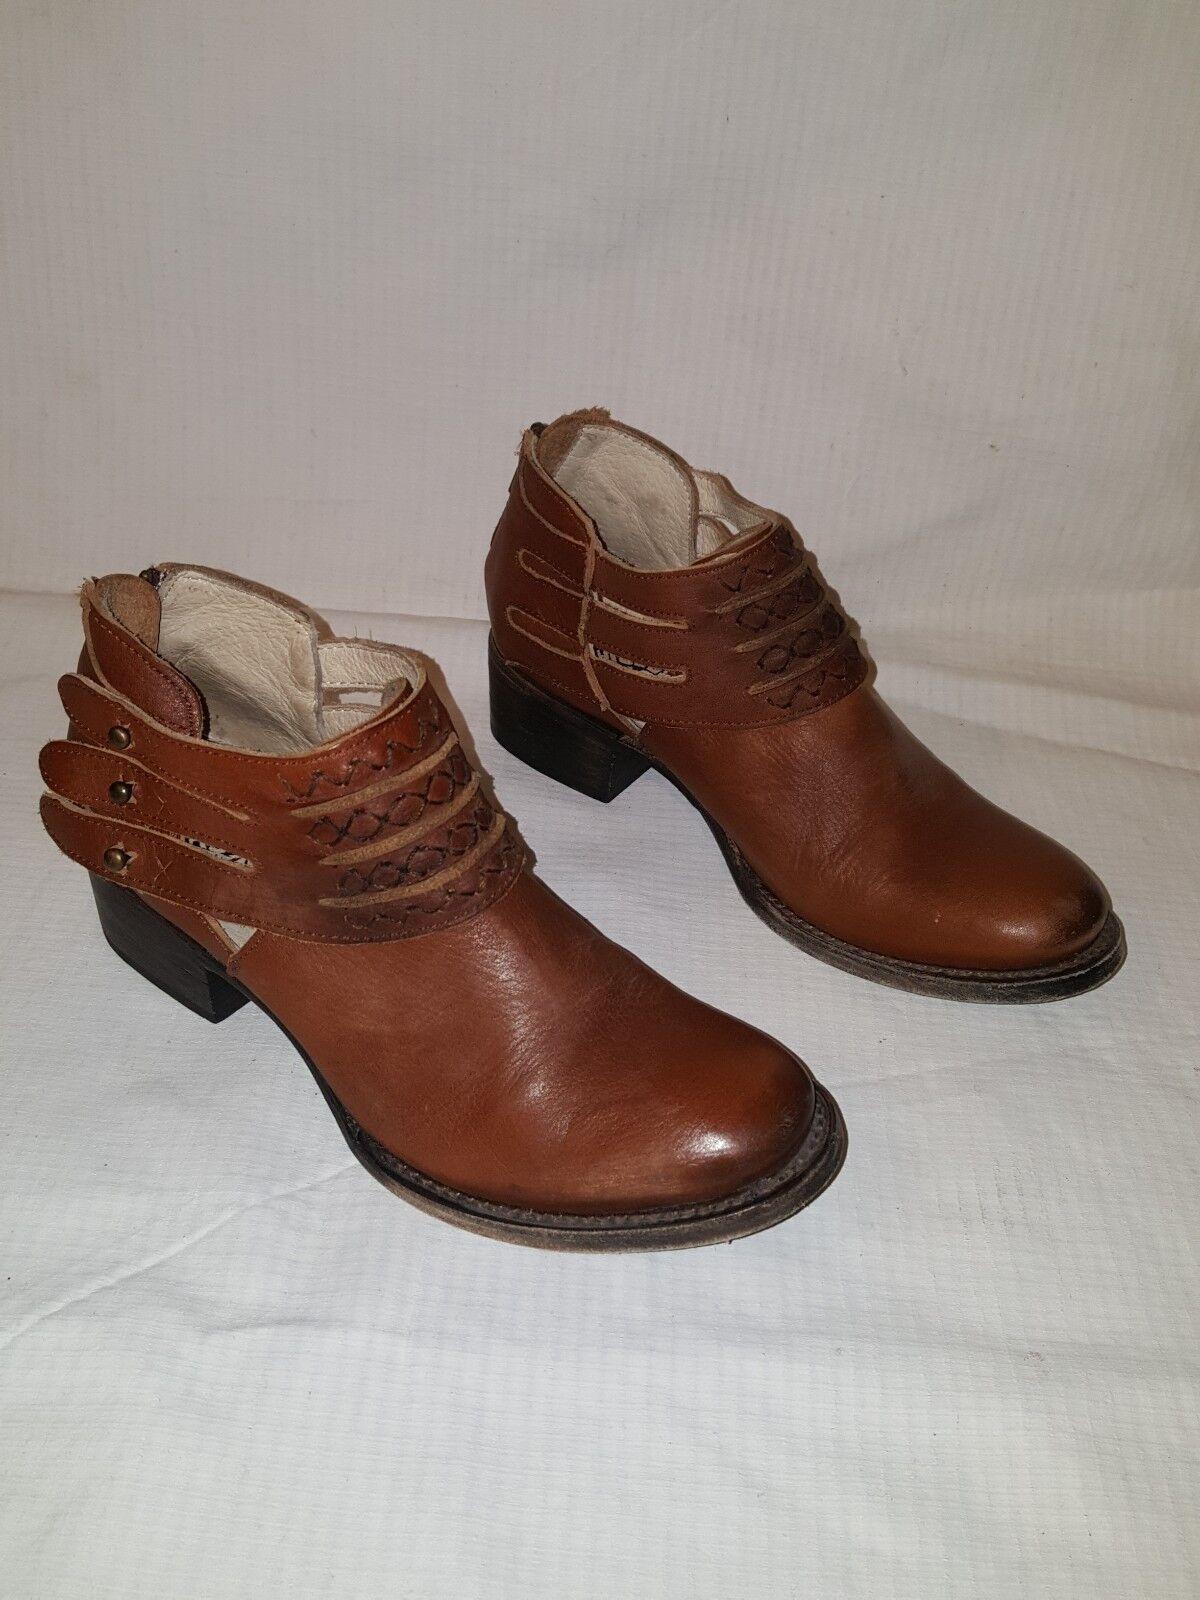 Freebird Freebird Freebird por Steve matar angustiado marrón botas al Tobillo de Cuero para Mujer Talla 7  opciones a bajo precio